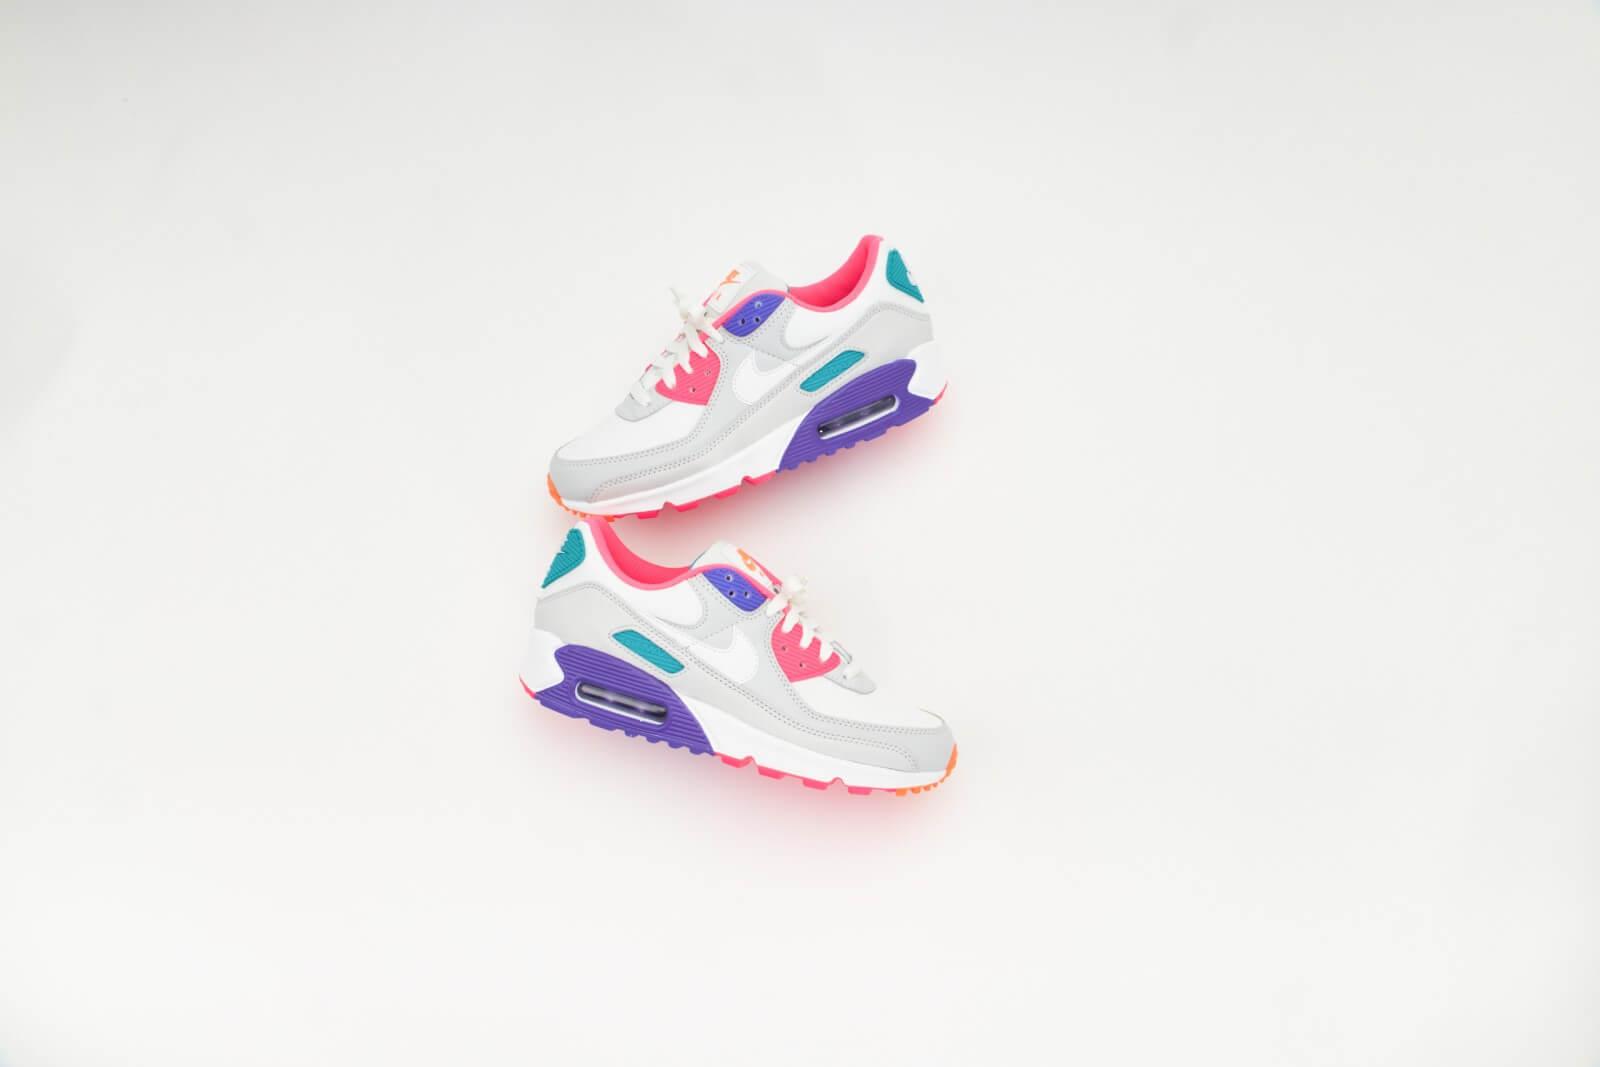 Nike Women's Air Max 90 Photon Dust/Summit White-Hyper Grape